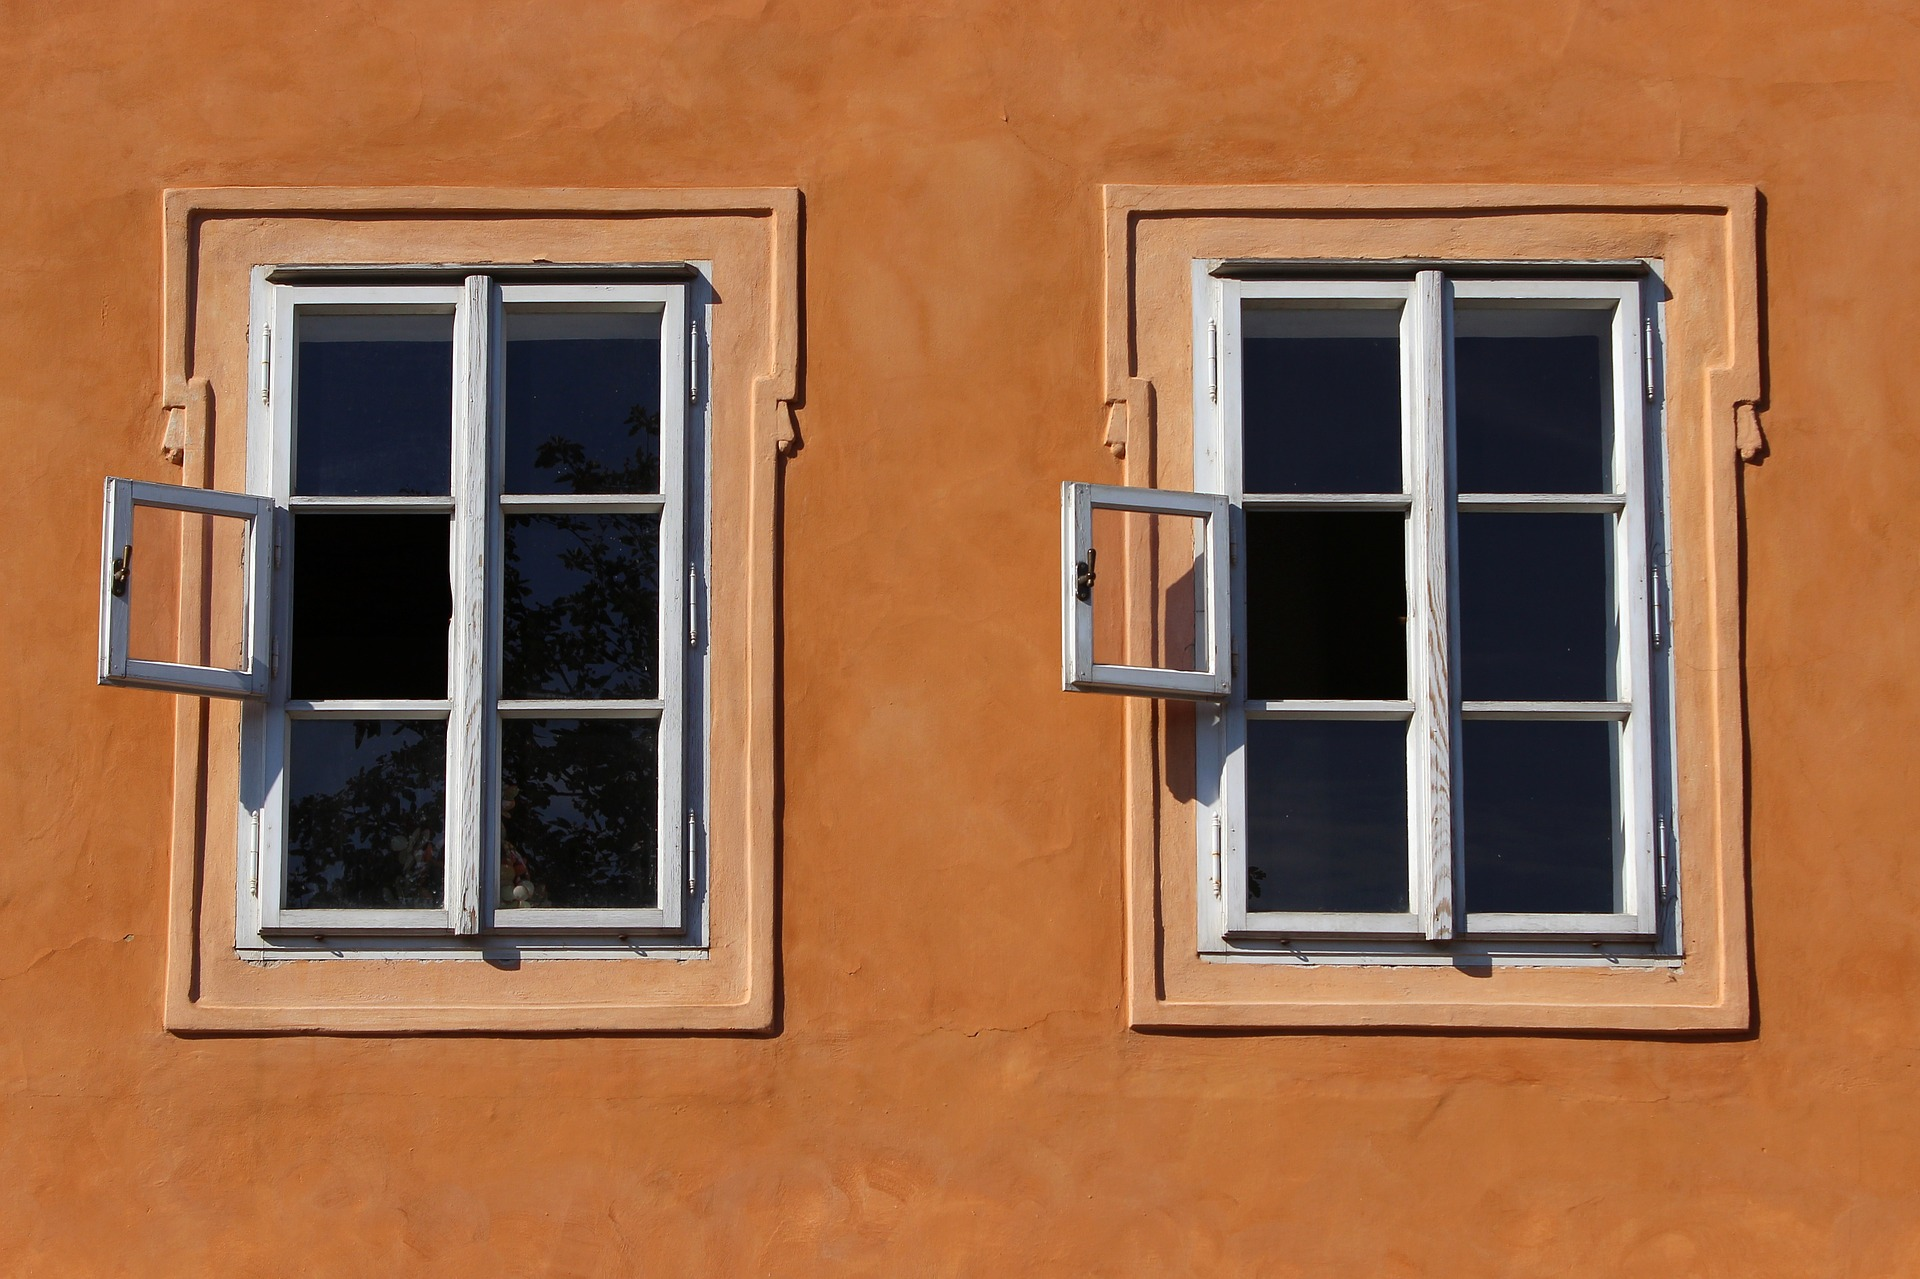 Ahorrar Electricidad Cambiando Las Ventanas Venakal ~ Aislar Ventanas De Aluminio Del Frio